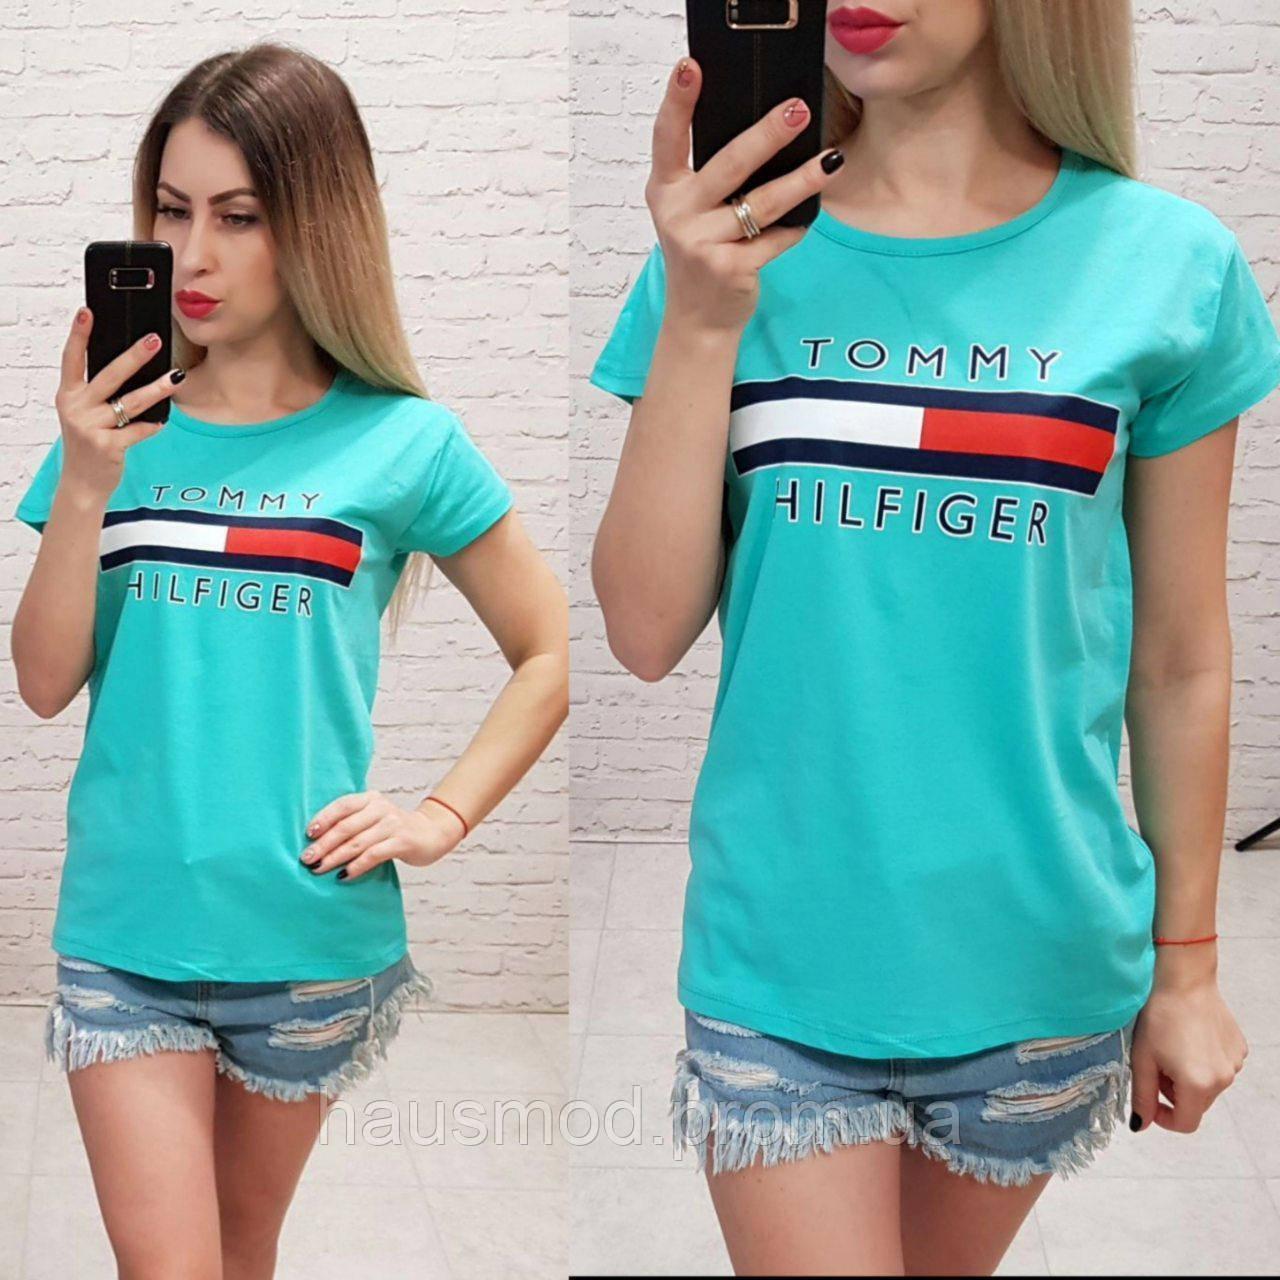 Женская футболка летняя 100% катон реплика Tommy Hilfiger Турция голубая